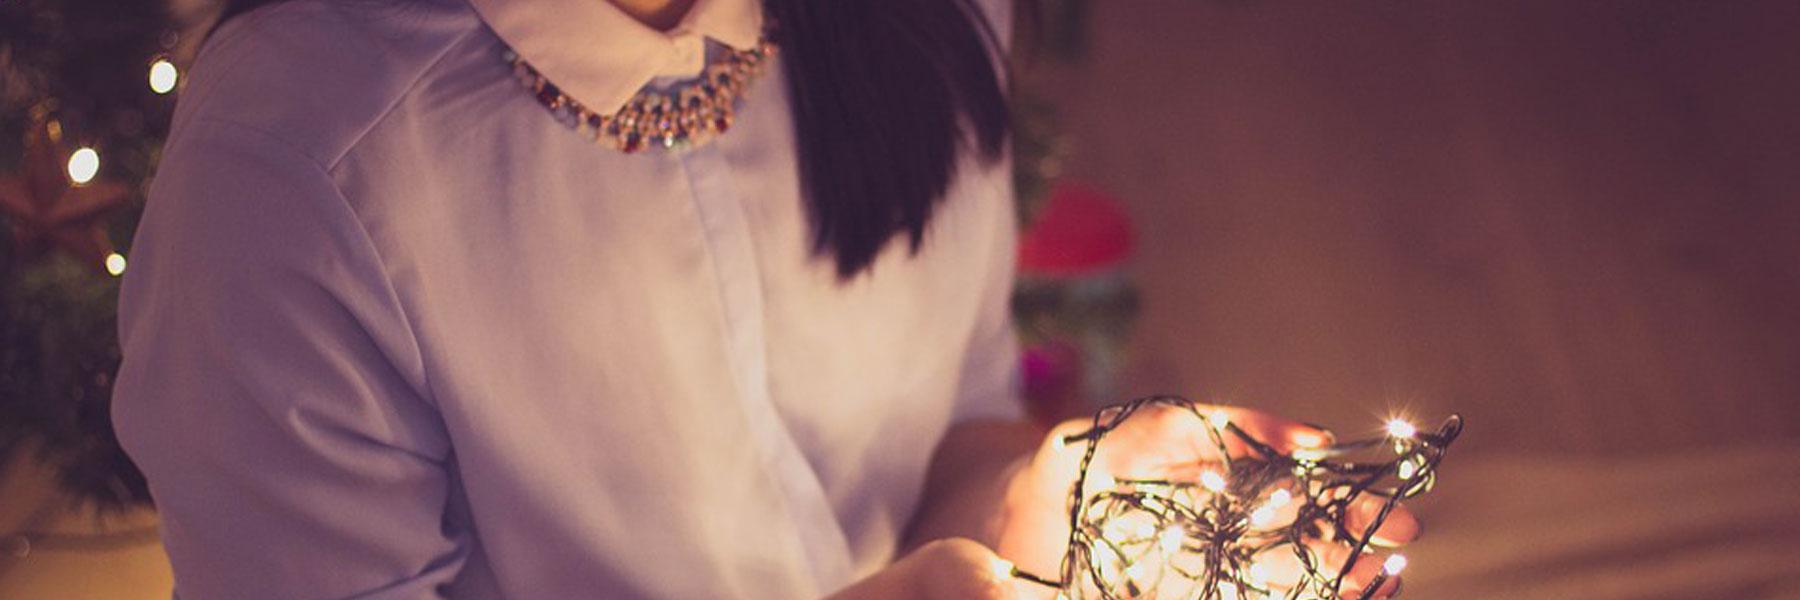 Header_Festtagsmode-Weihnachten-Checkliste_1800x600.jpg